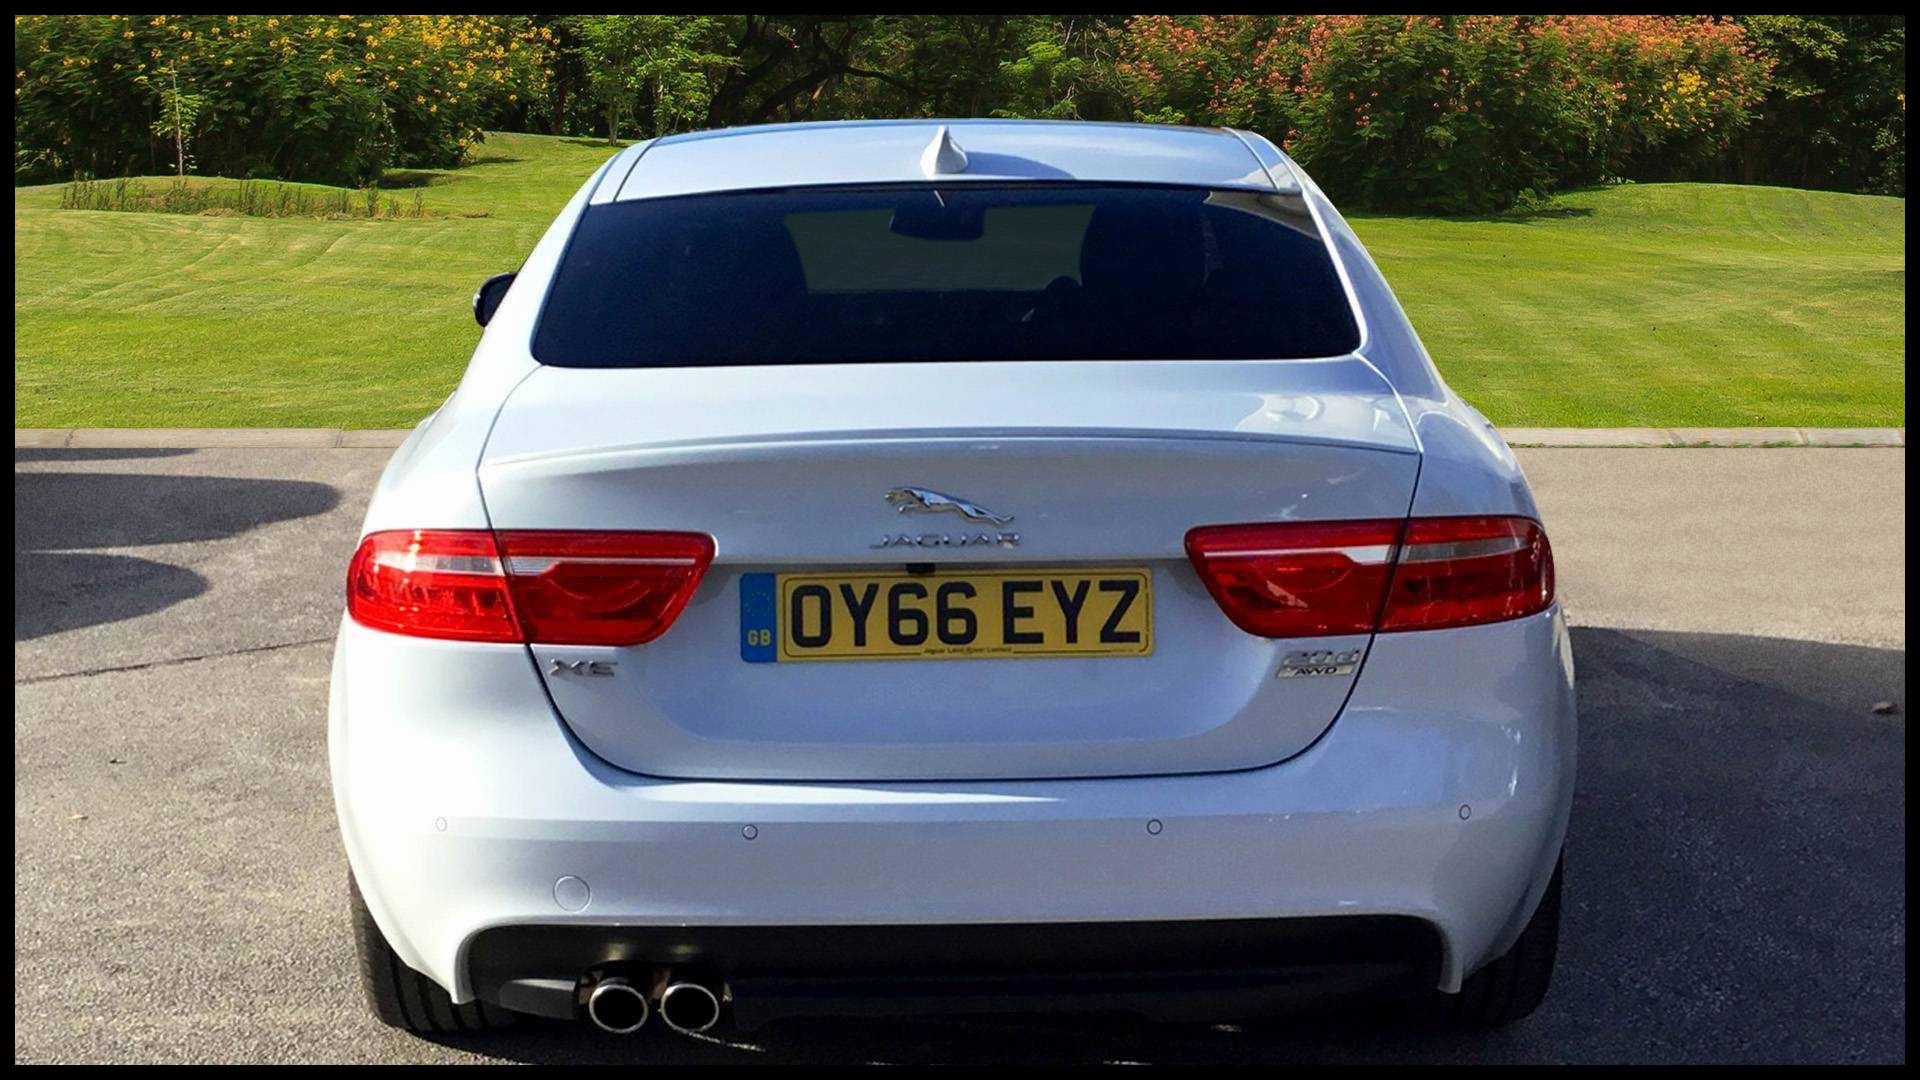 Used Bmw Okc Fresh Used Jaguars for Sale Used Bmw Okc Awesome Best Bmw Car